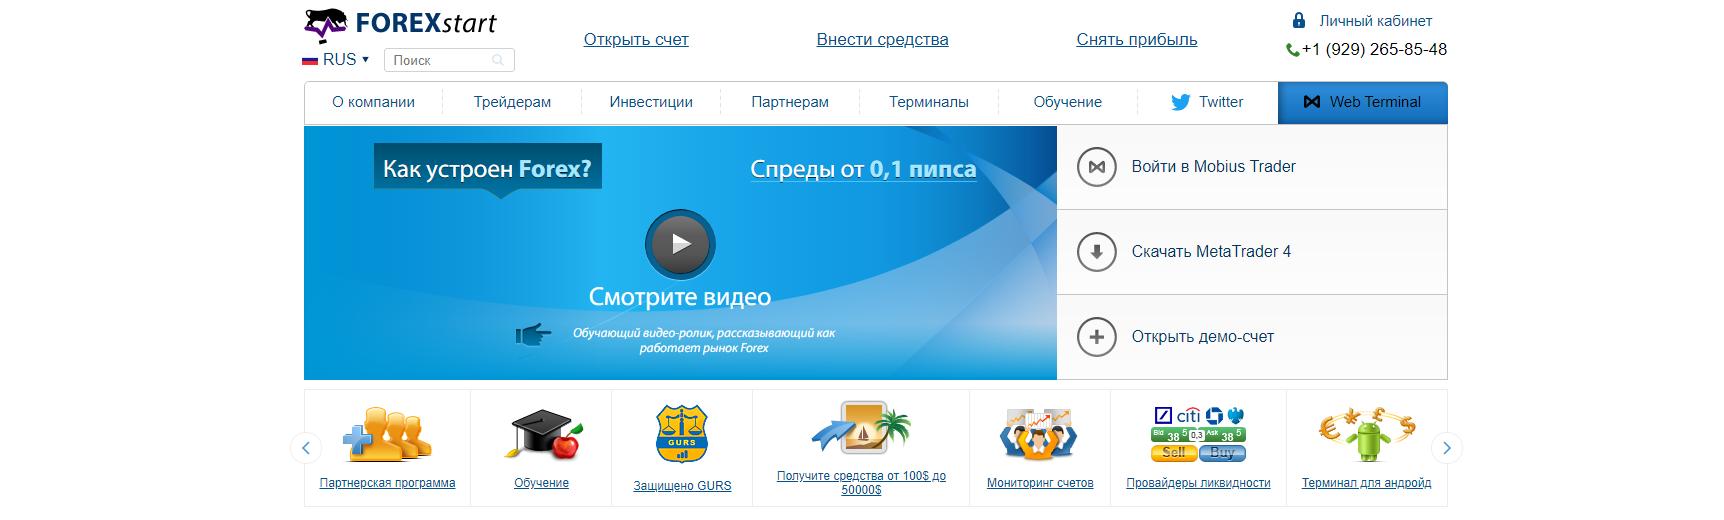 официальный сайт forexstart